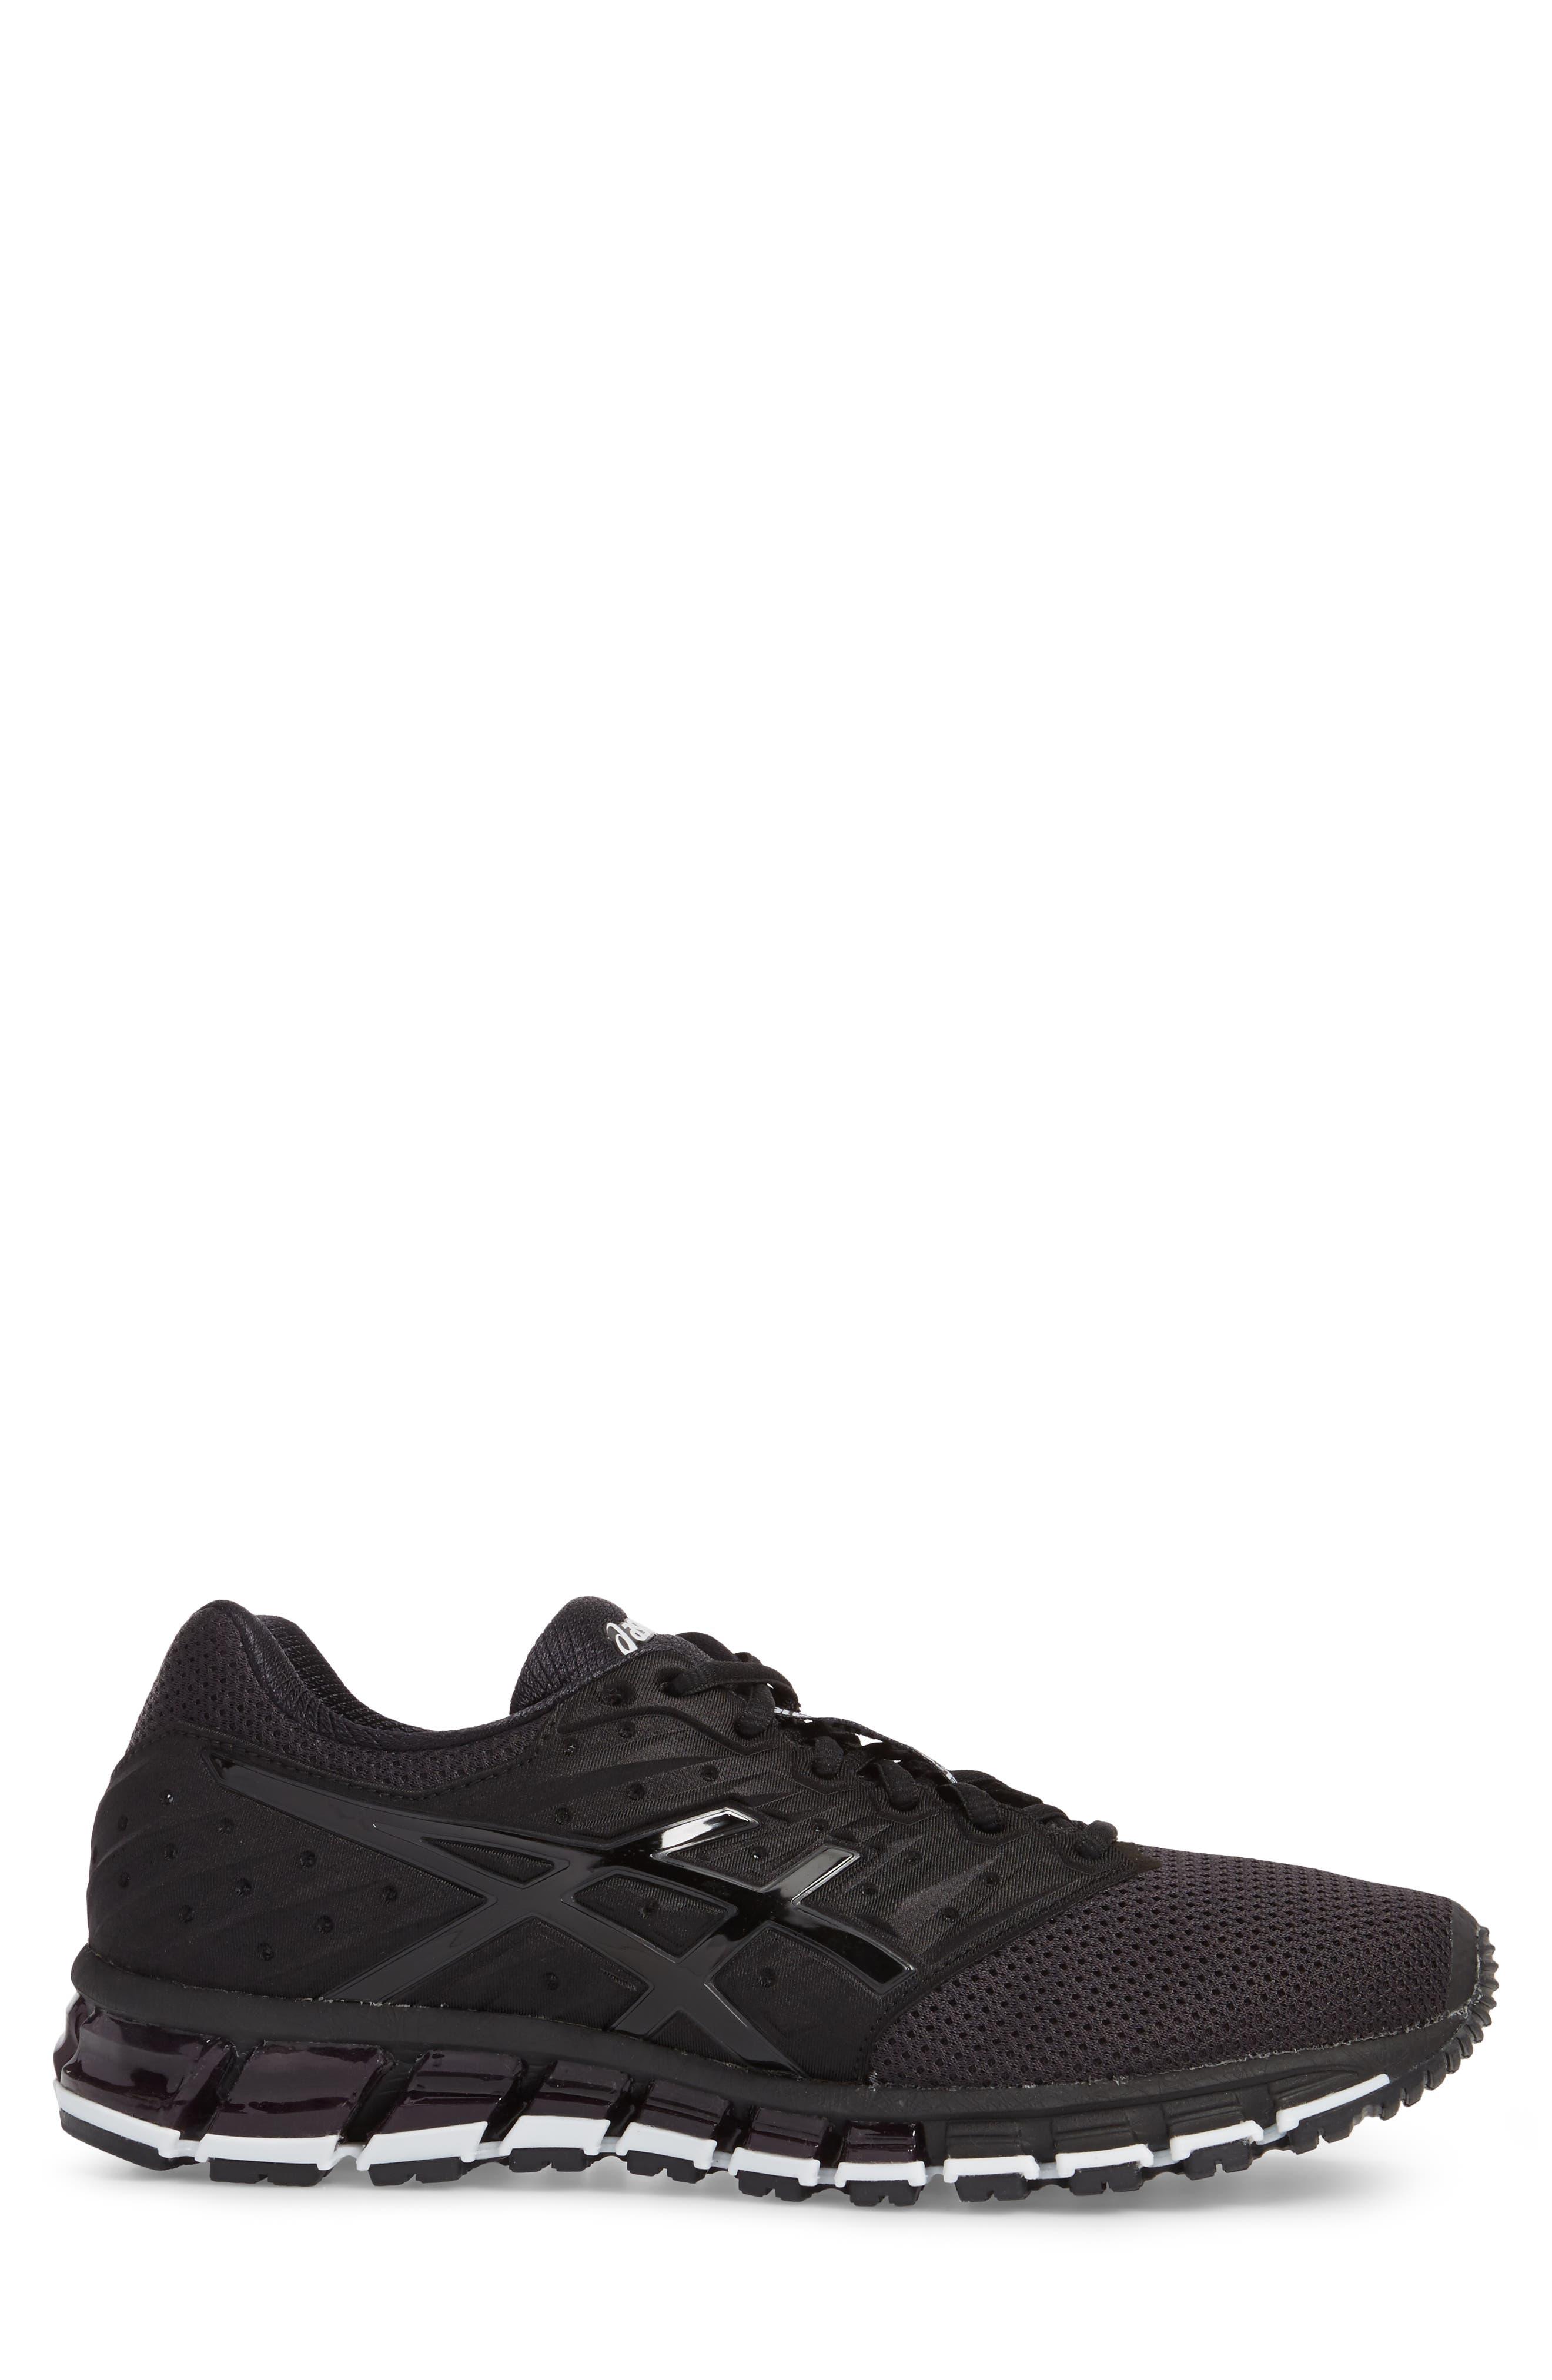 GEL-Quantum 180 2 MX Running Shoe,                             Alternate thumbnail 3, color,                             Phantom/ Black/ White